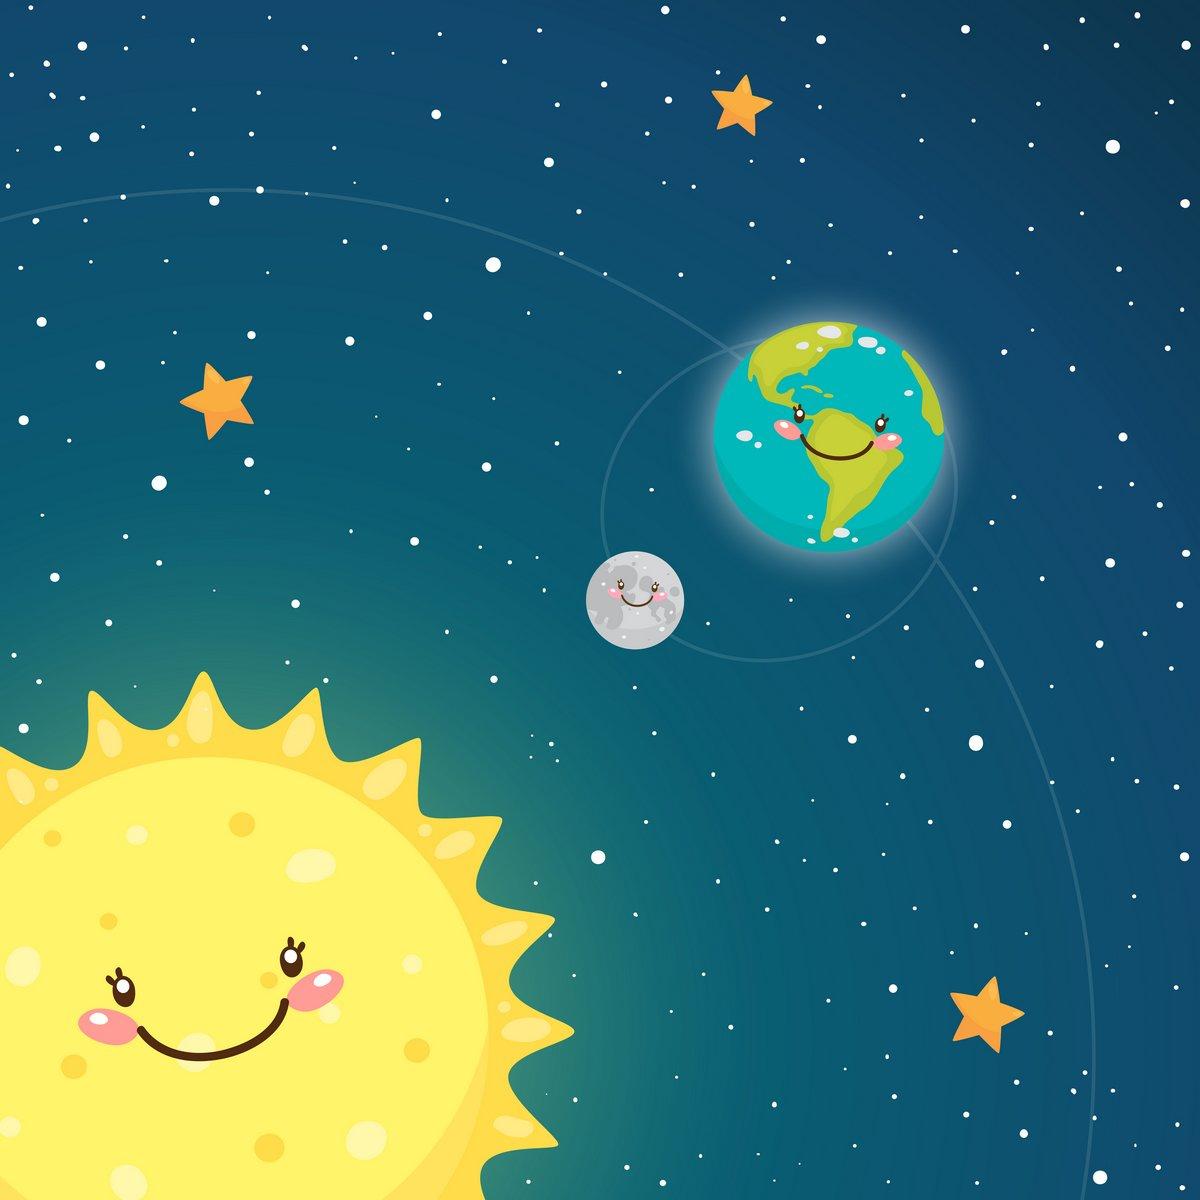 Постер Космос детям Милые Земли и Луны в пространствеКосмос детям<br>Постер на холсте или бумаге. Любого нужного вам размера. В раме или без. Подвес в комплекте. Трехслойная надежная упаковка. Доставим в любую точку России. Вам осталось только повесить картину на стену!<br>